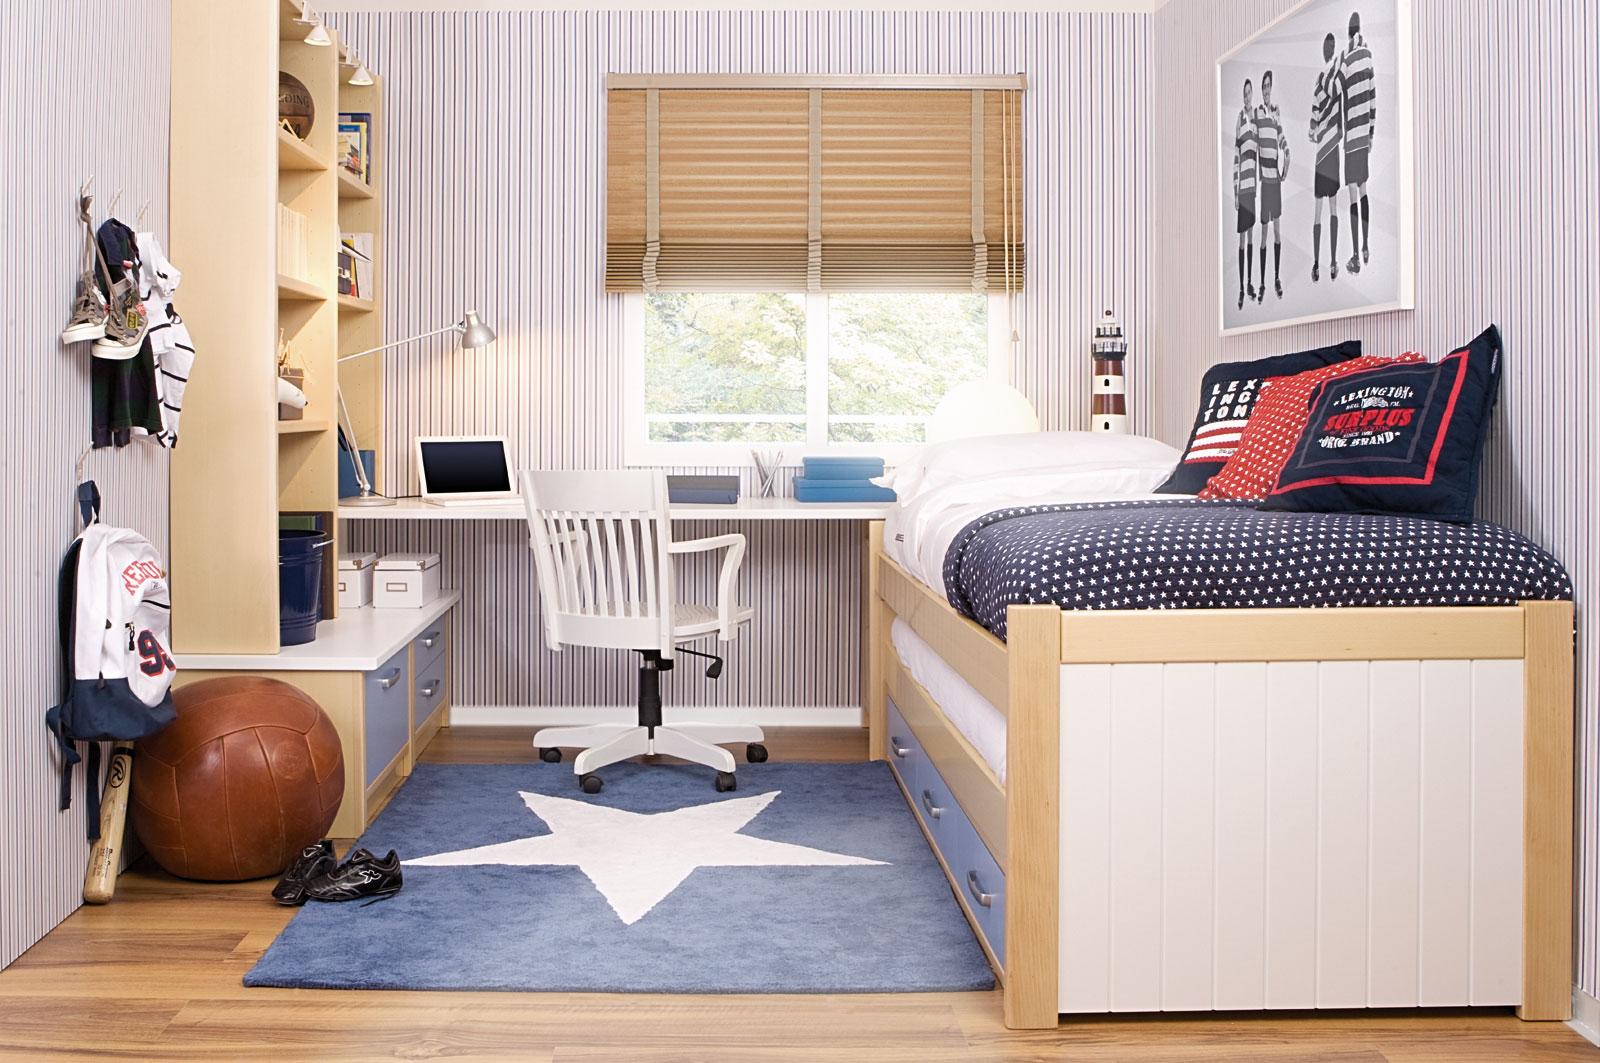 Nuevo mundo habitaciones juveniles - Cuarto de ninos decoracion ...